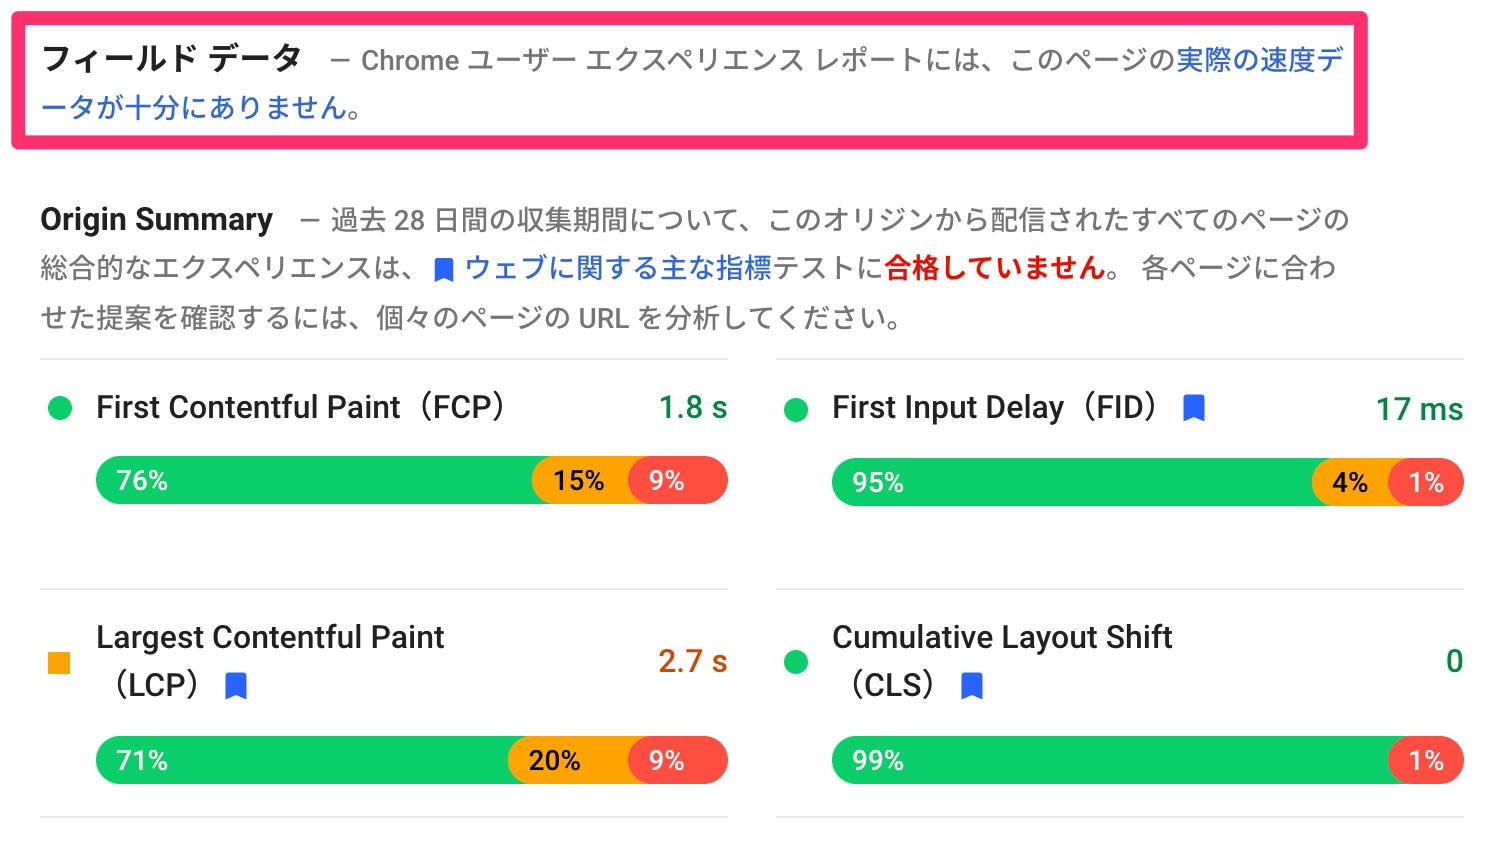 Chrome ユーザー エクスペリエンス レポートには、このページの実際の速度データが十分にありません。